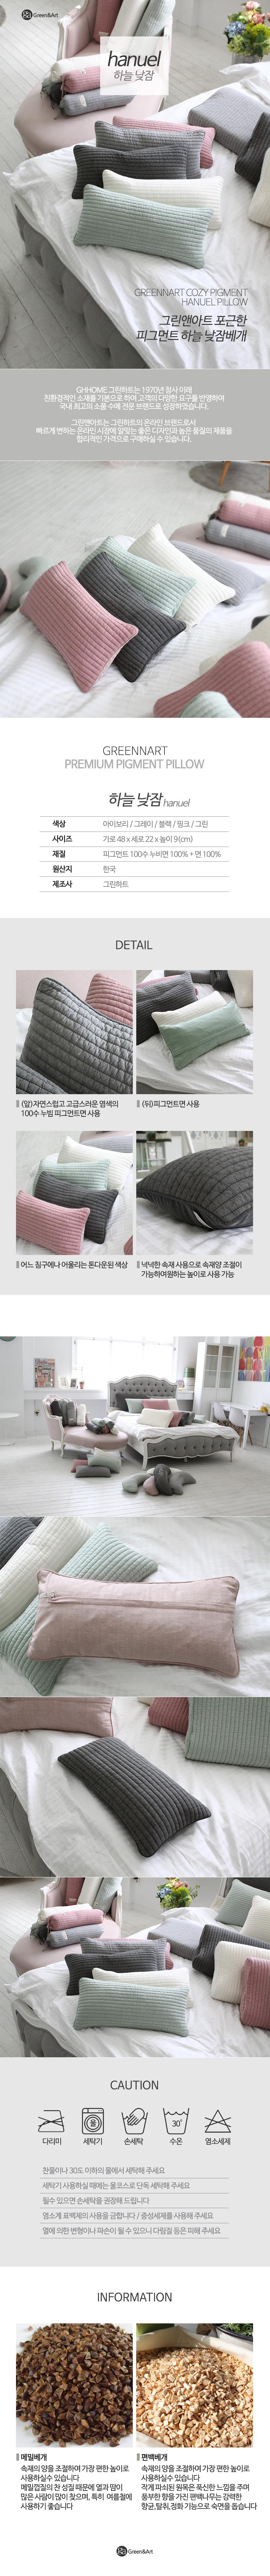 하늘 낮잠 메밀베개 - 그린앤아트, 20,900원, 베개, 일반 베개